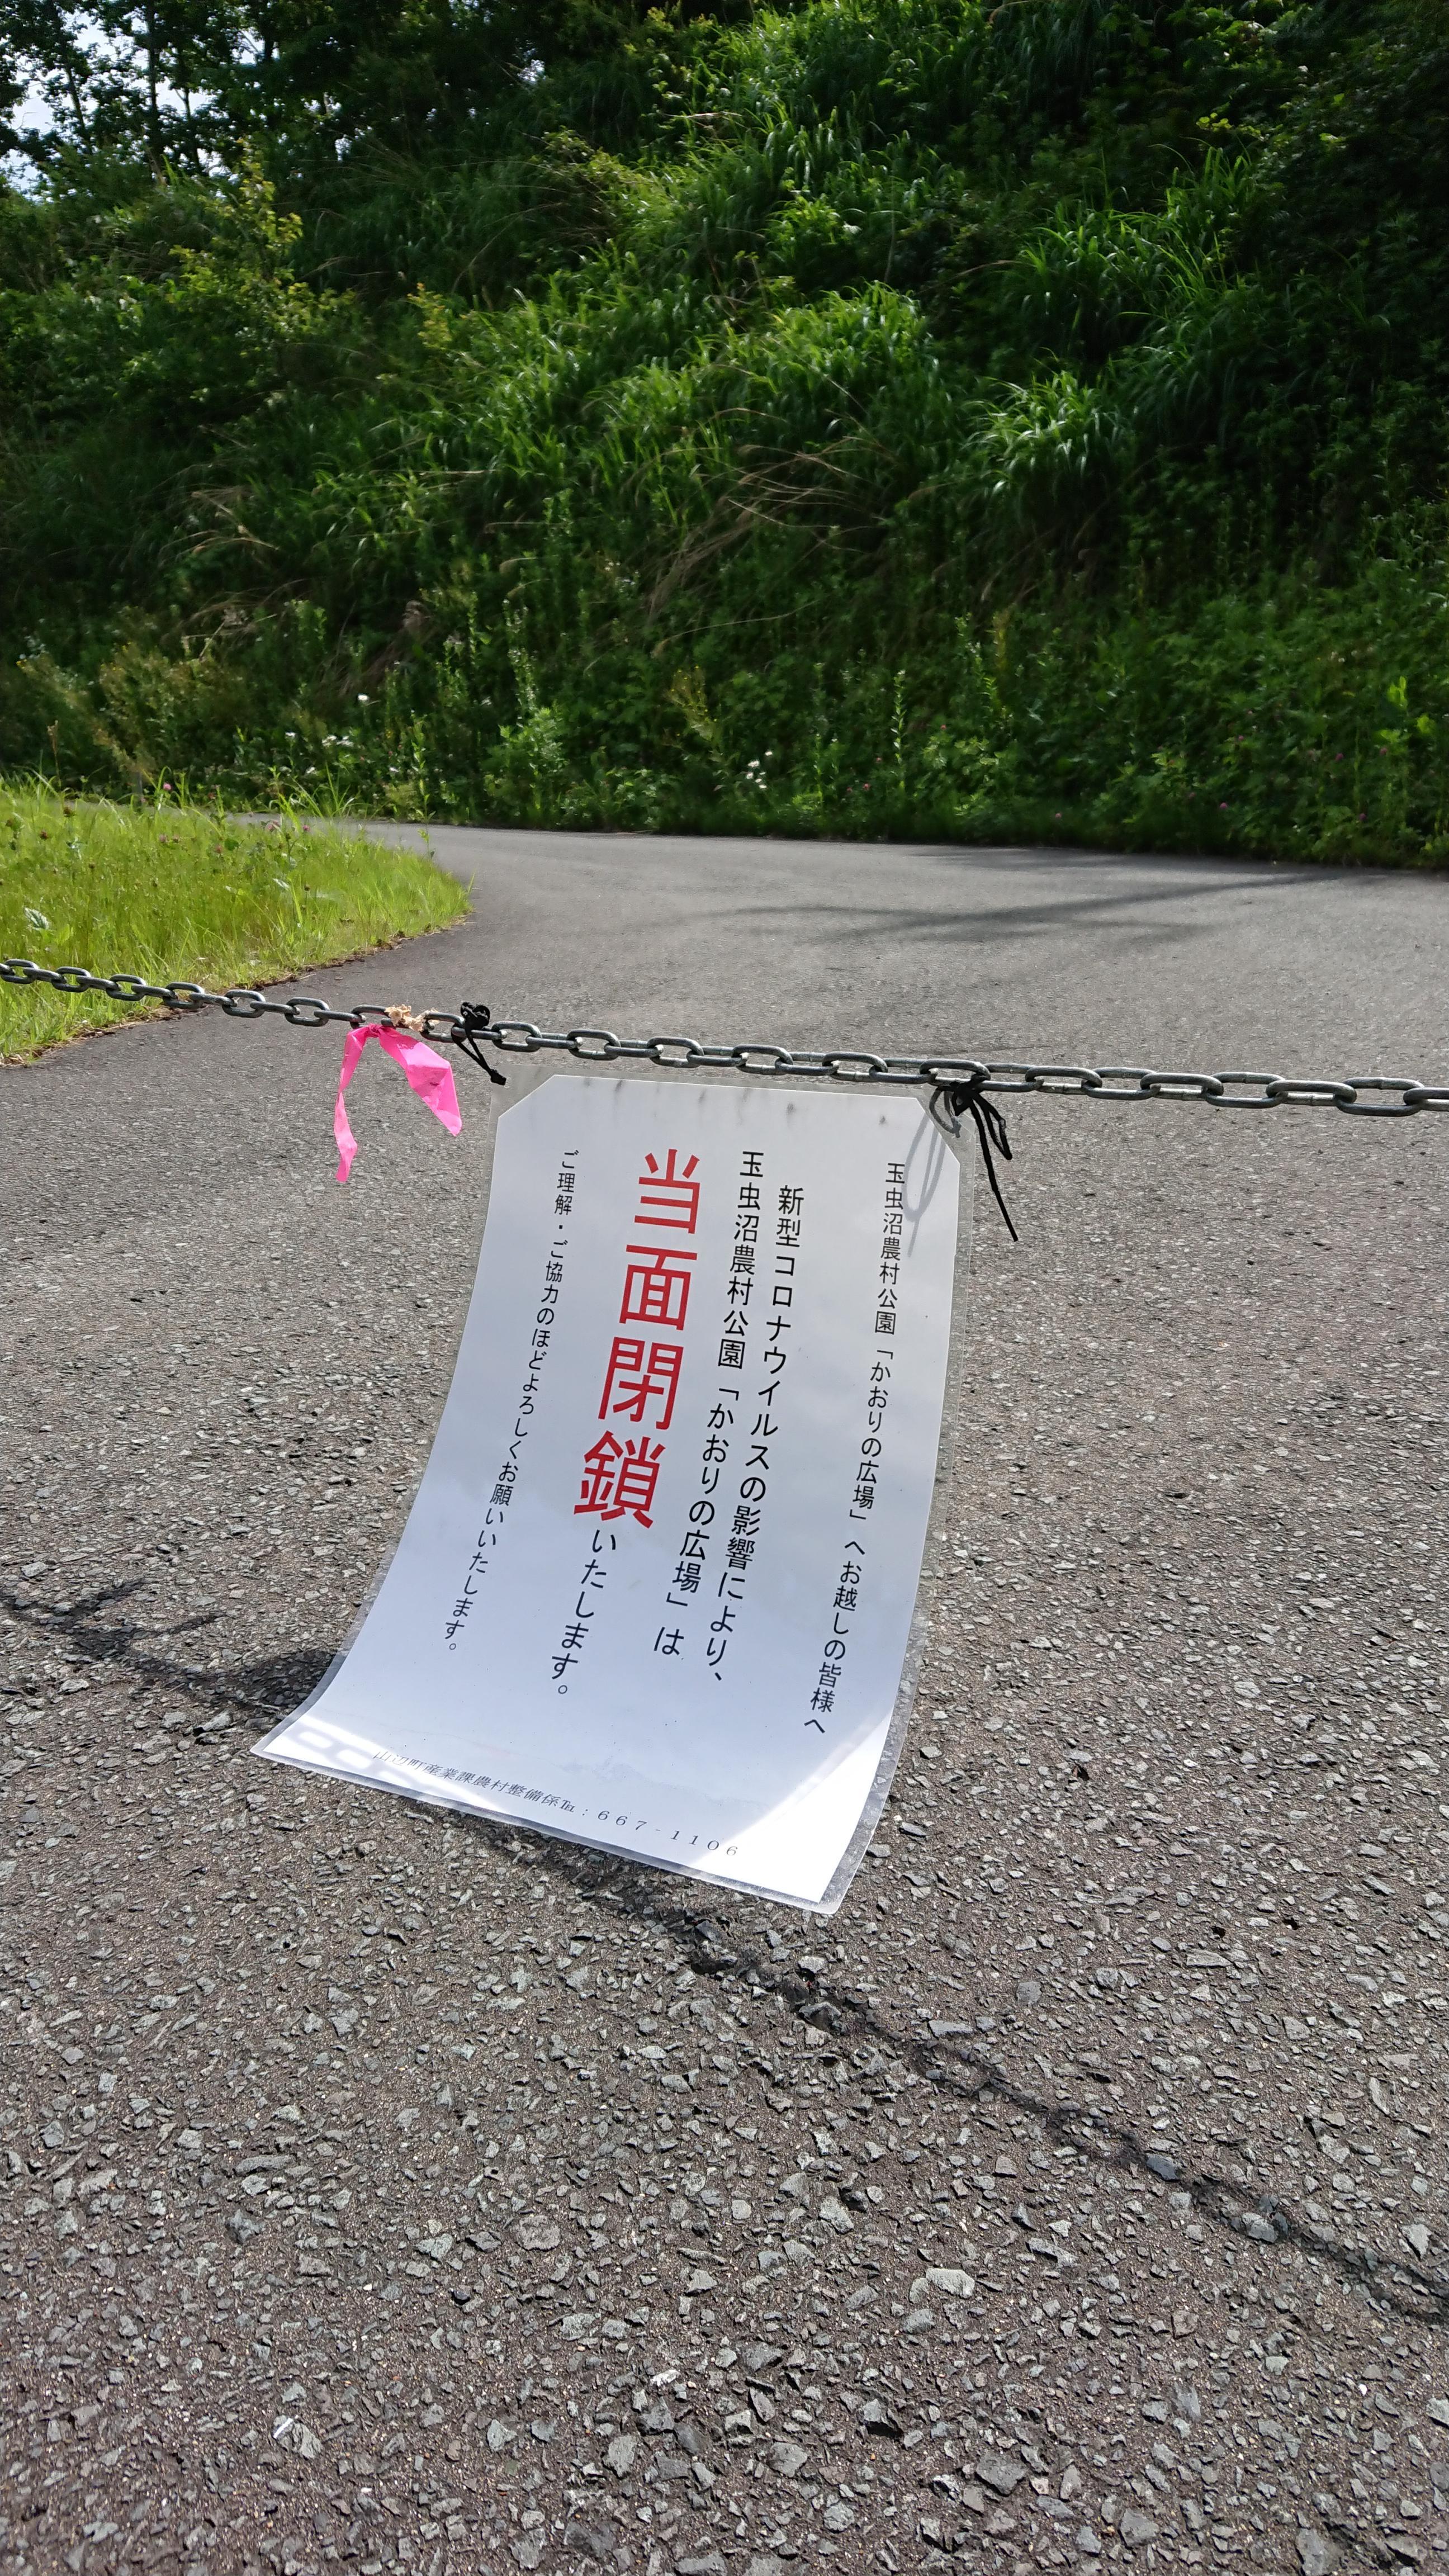 「玉虫沼農村公園(かおりの広場)閉鎖」と「ラベンダー販売のお知らせ」